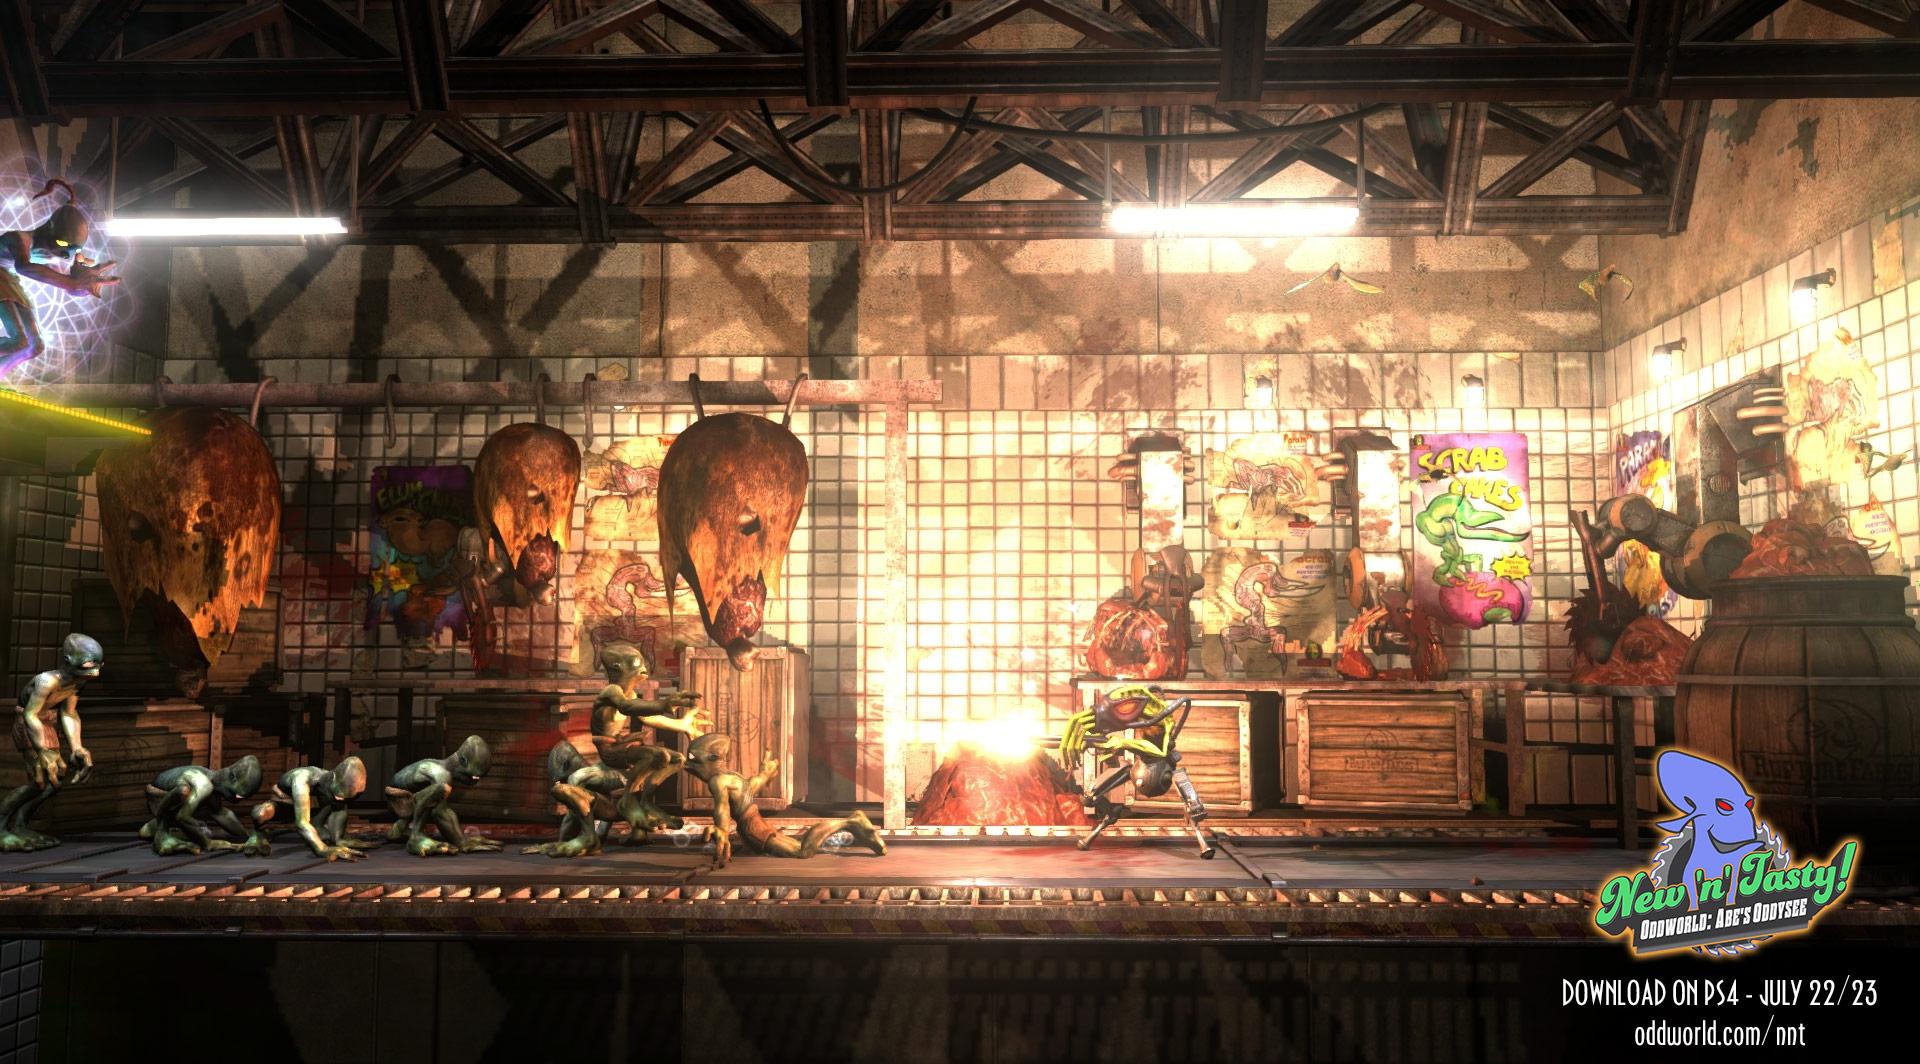 Oddworld New 'n' Tasty Launch 20-07-14 012